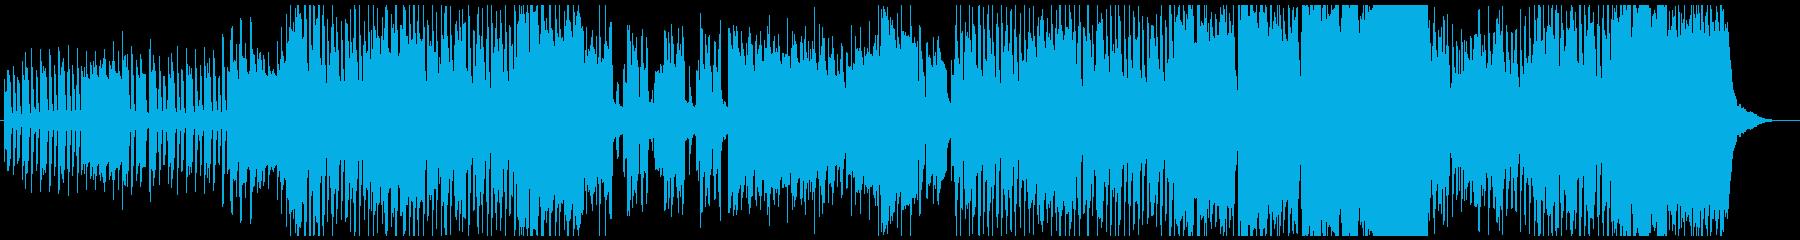 アップテンポでかわいいオカリナ曲の再生済みの波形